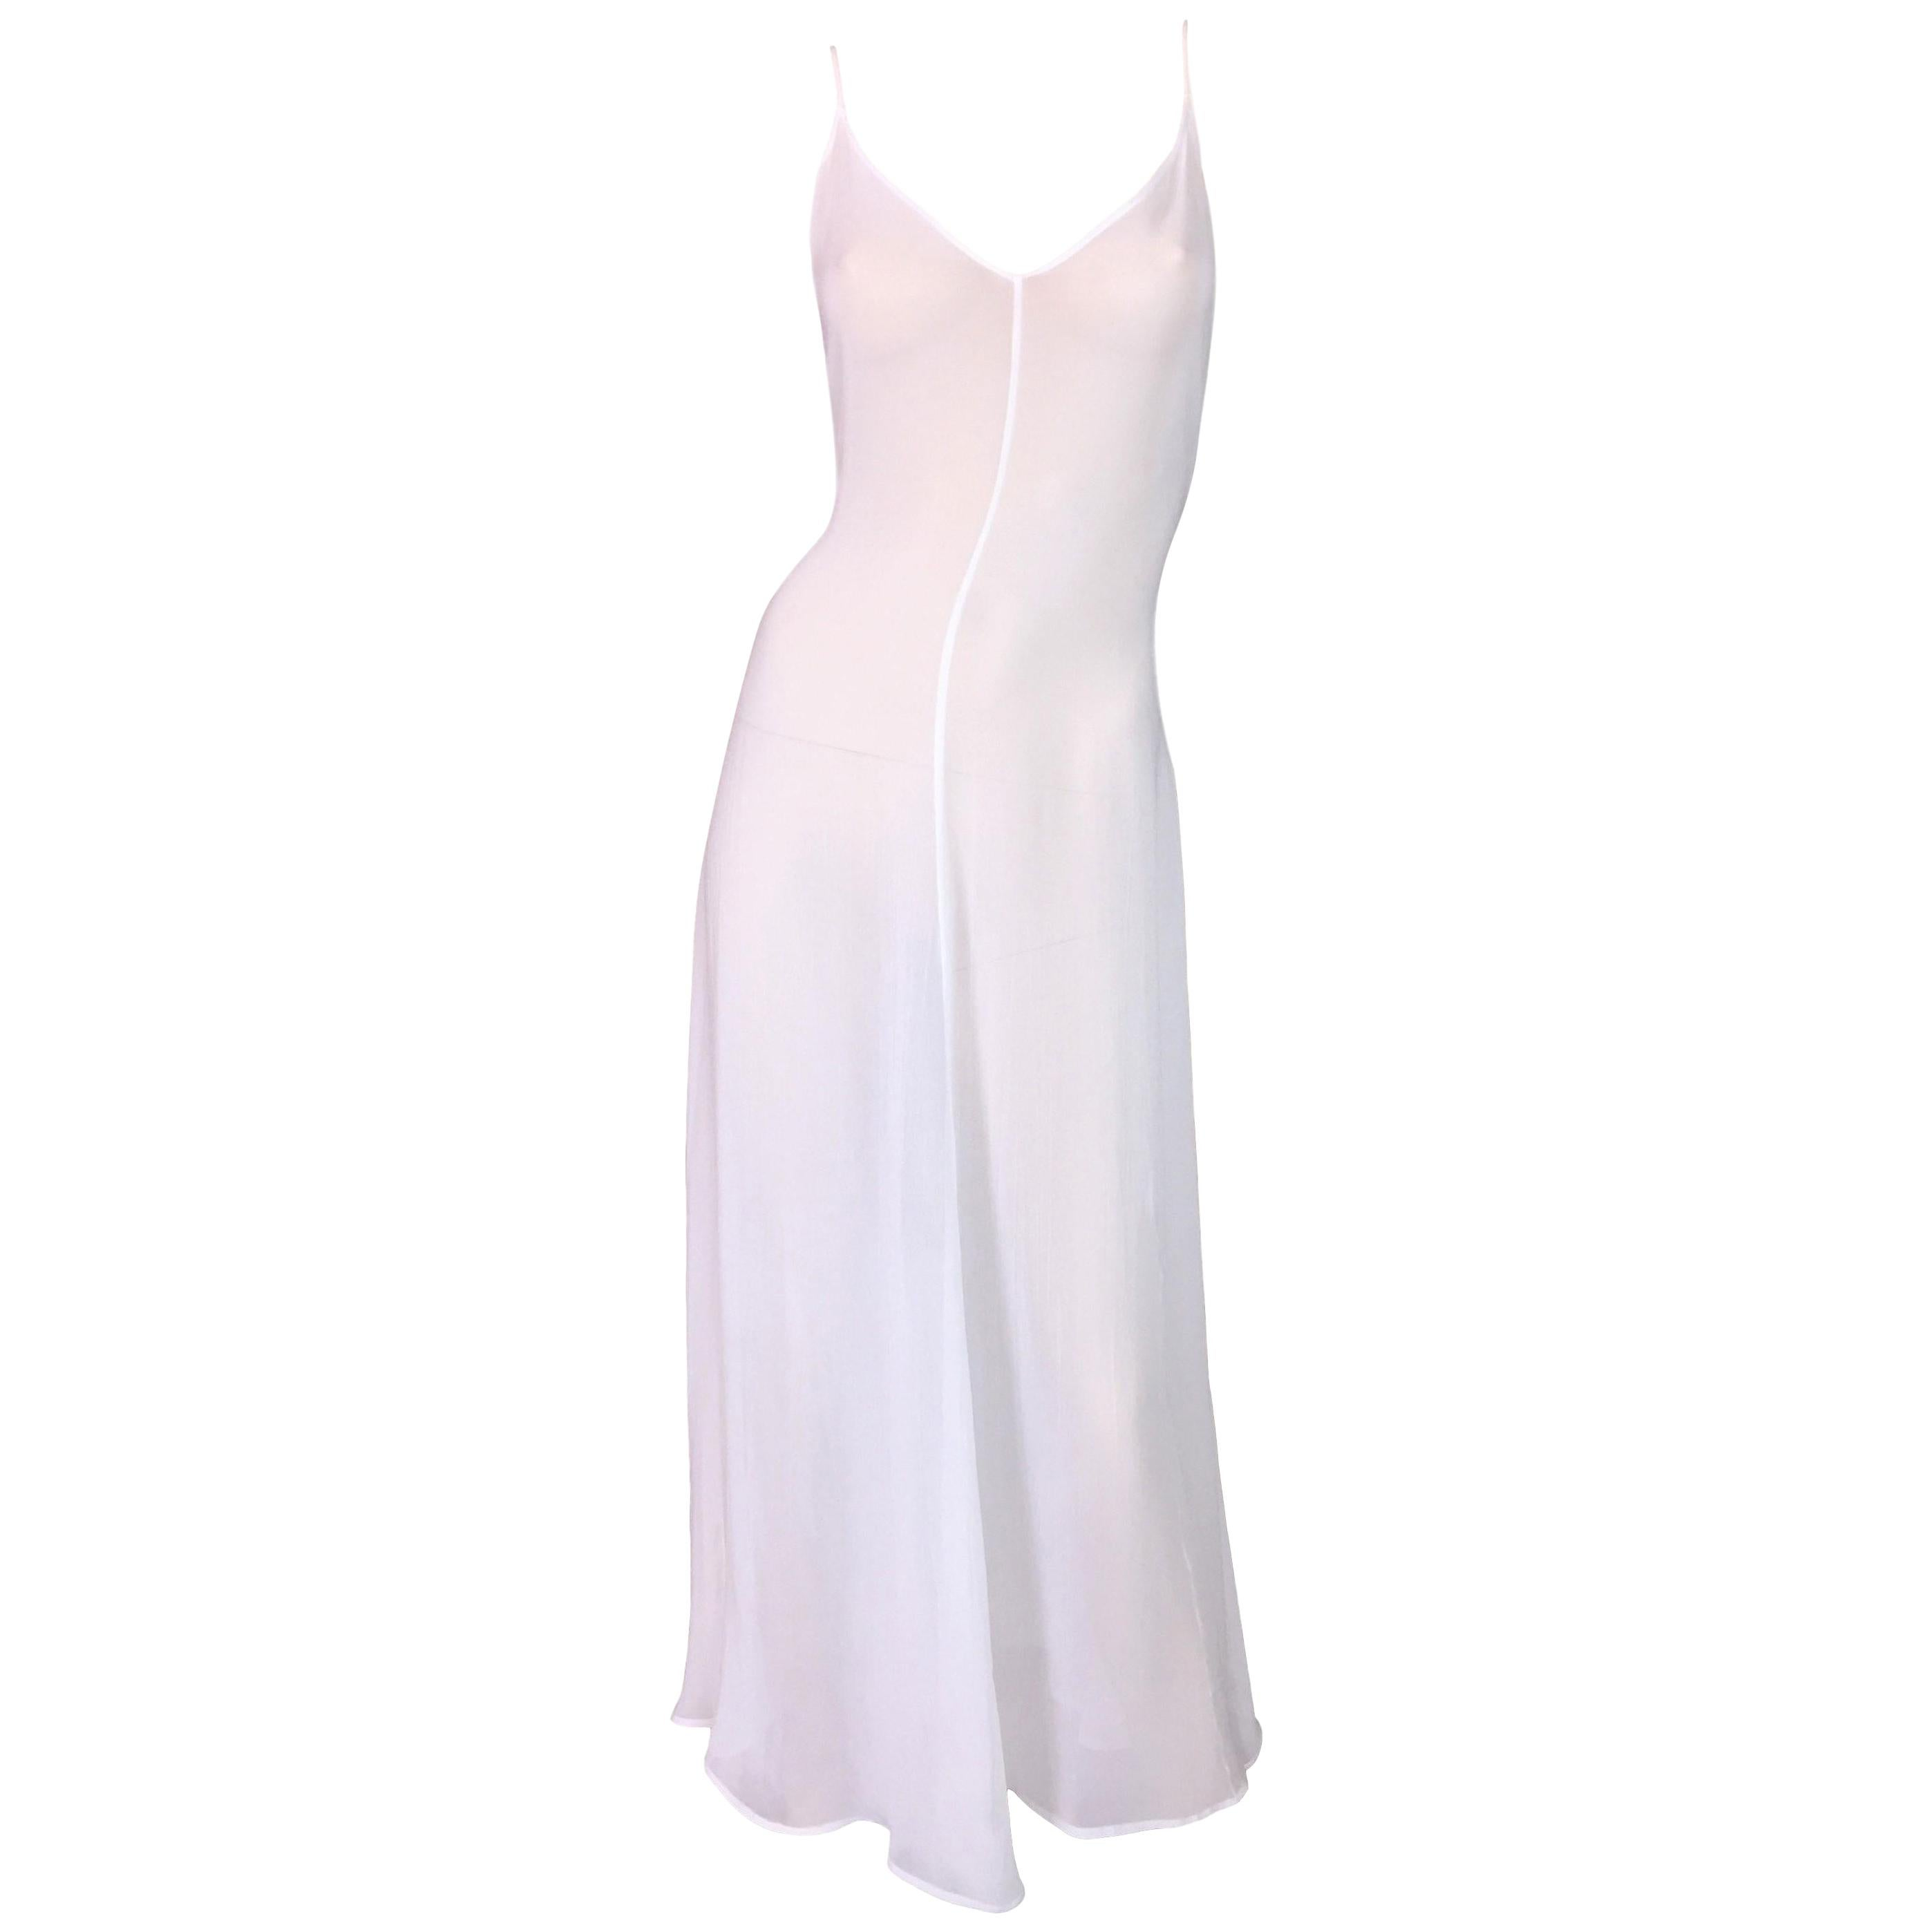 C. 1993 Dolce & Gabbana Sheer White V Neck Summer Gown Dress